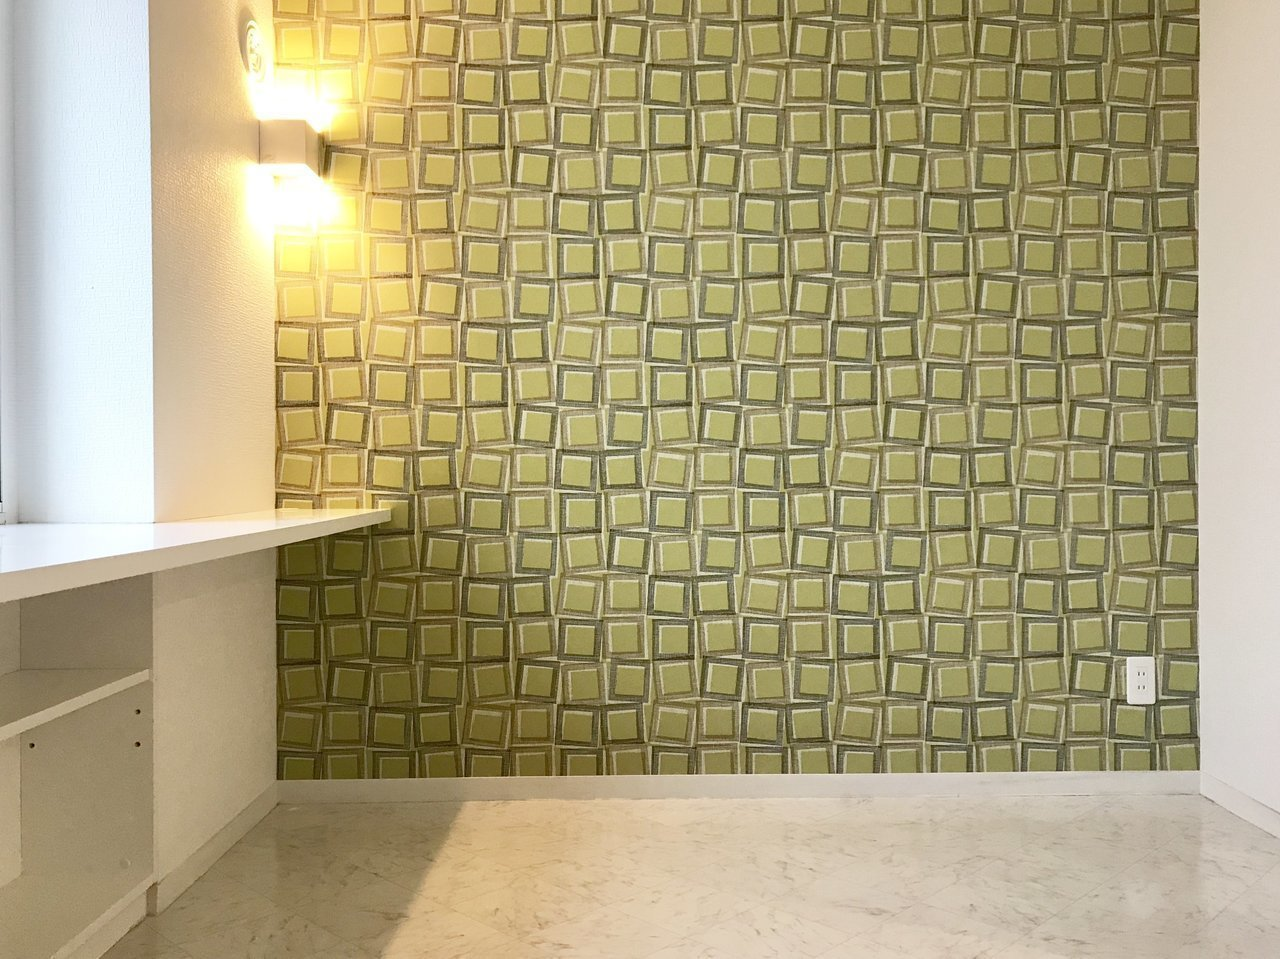 薄い緑色の個性的なアクセントクロスがあなたをお出迎え。これだけで他にはない、素敵な暮らしをしていそうな雰囲気になるから不思議です。洋室は7.3畳あるので、ソファやベッドも両立できそう。